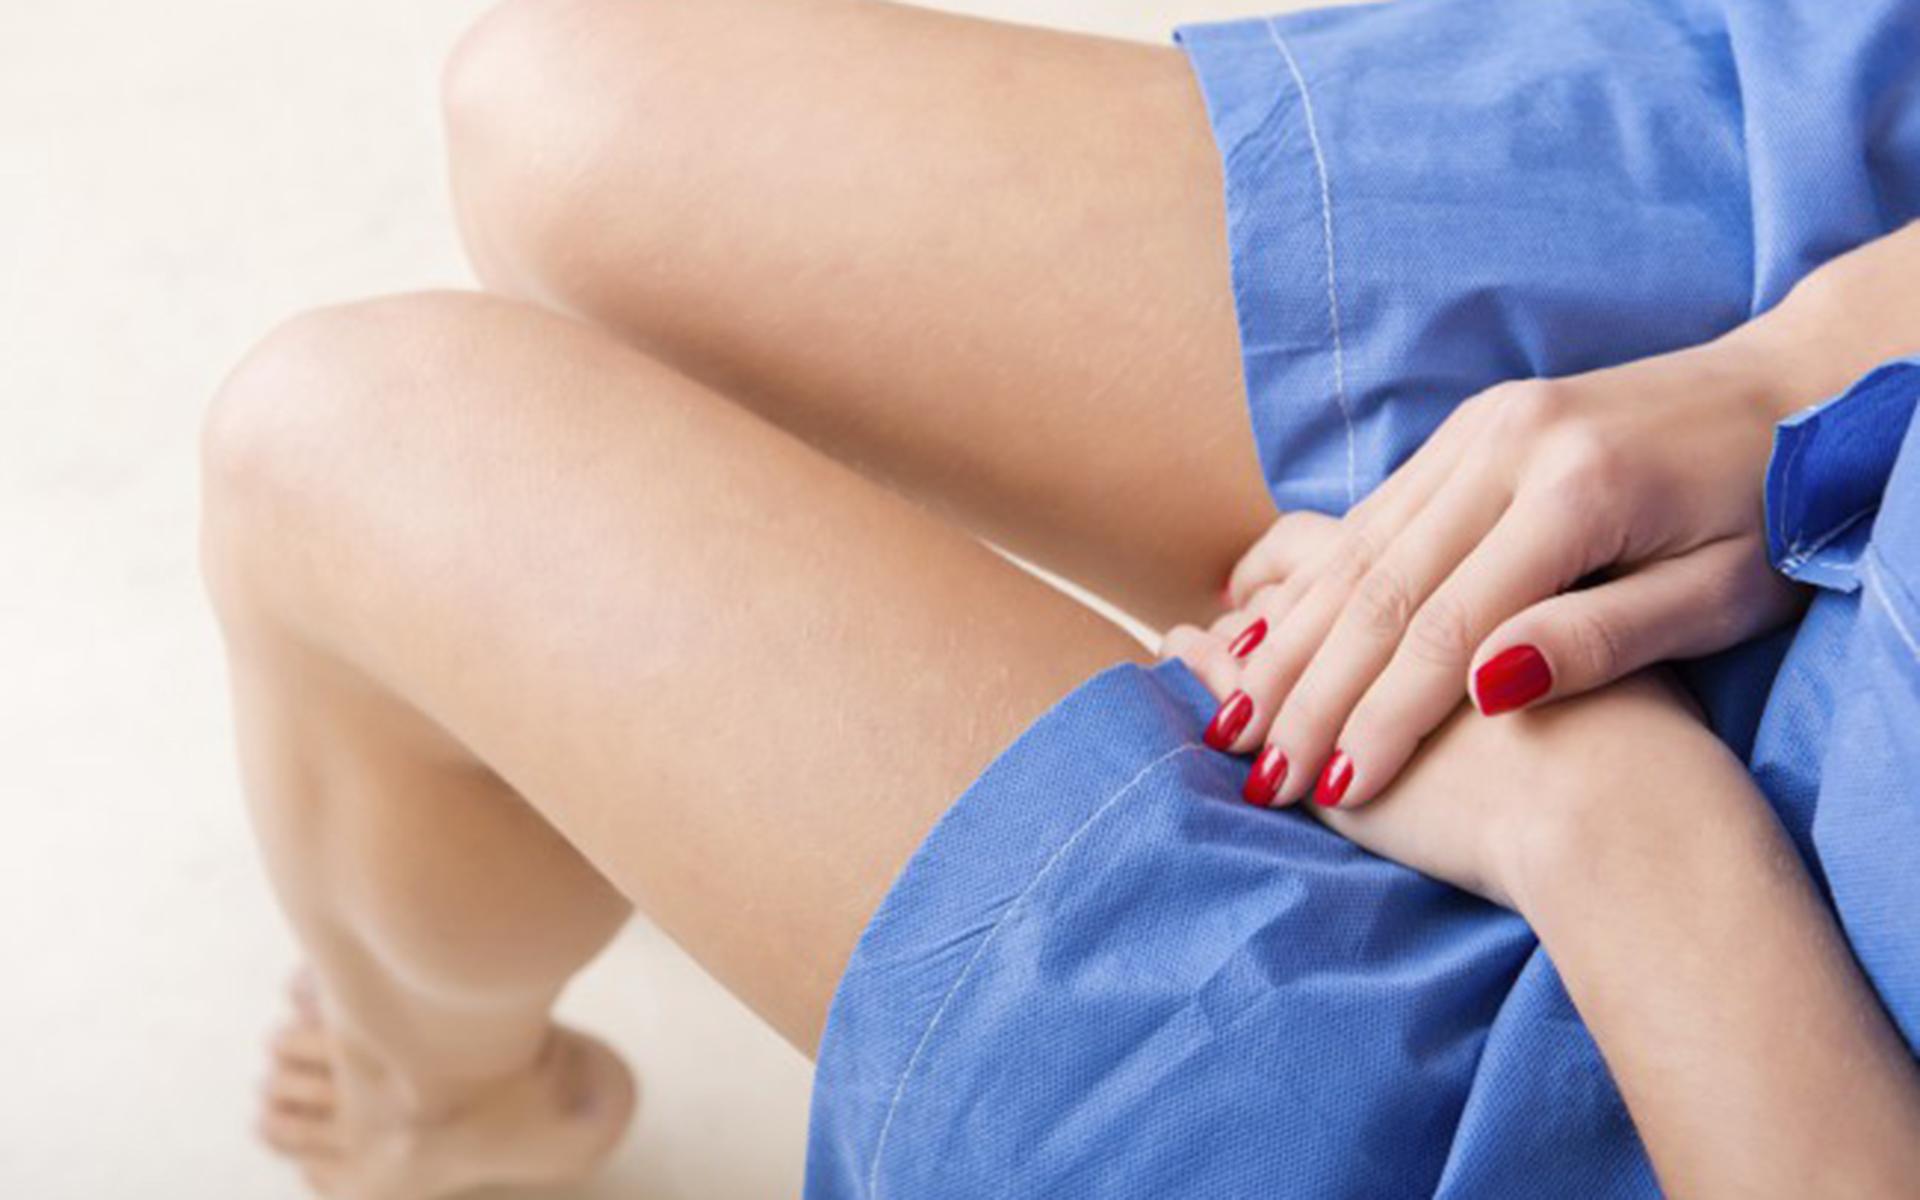 îngrijirea verucilor genitale vaksinasi hpv adalah